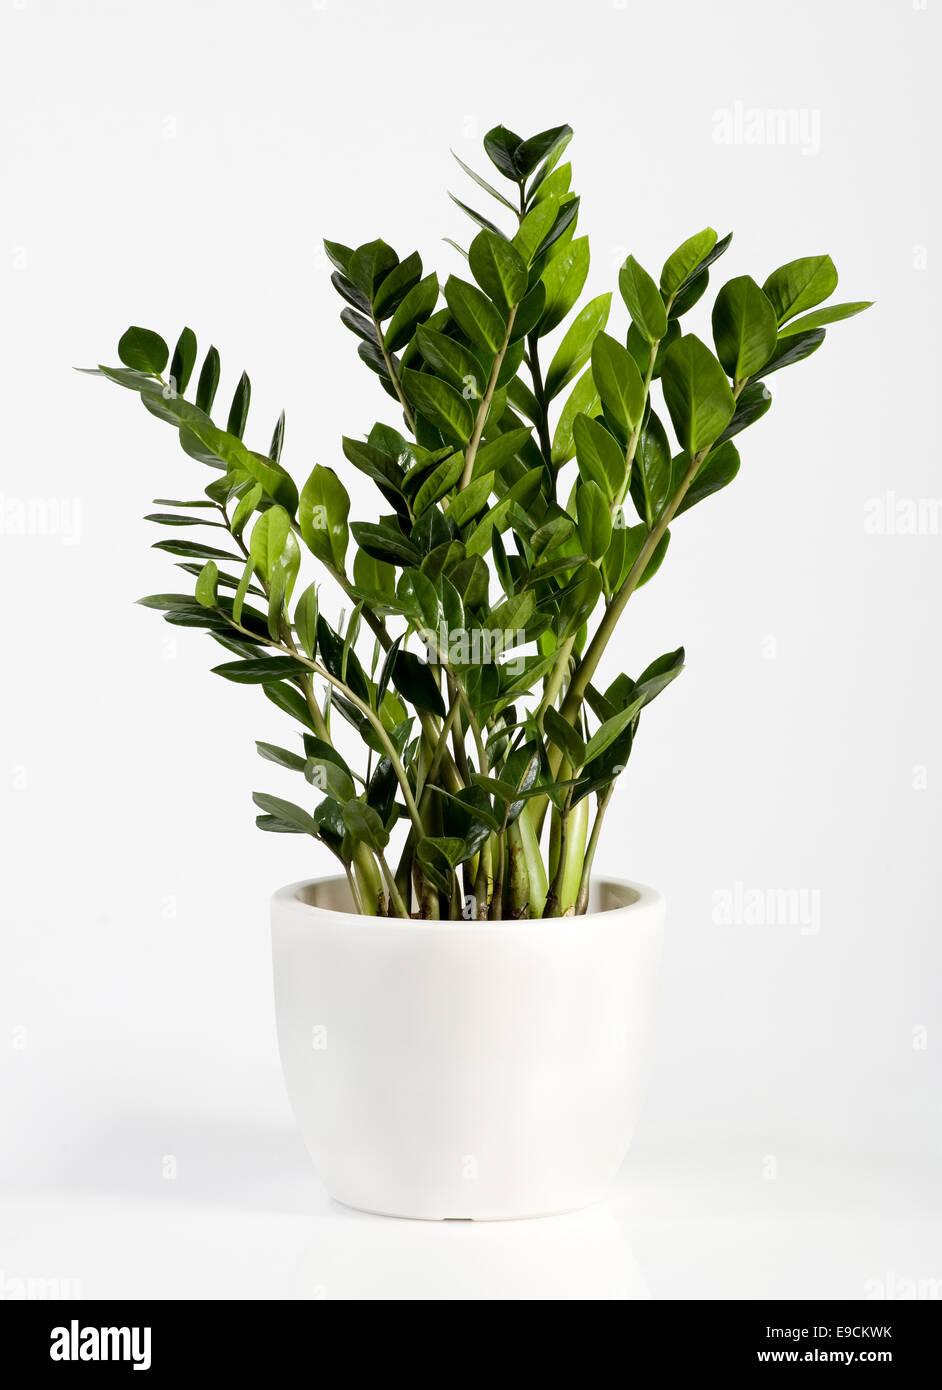 kultivierte zamioculcas zimmerpflanze in einem einfachen wei en blumentopf eine immergr ne. Black Bedroom Furniture Sets. Home Design Ideas